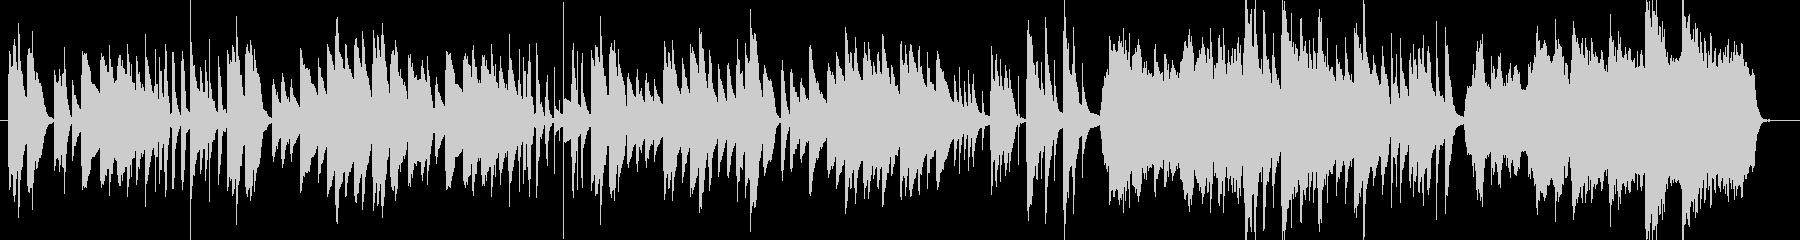 日常のコミカルな場面向けピアノBGMの未再生の波形